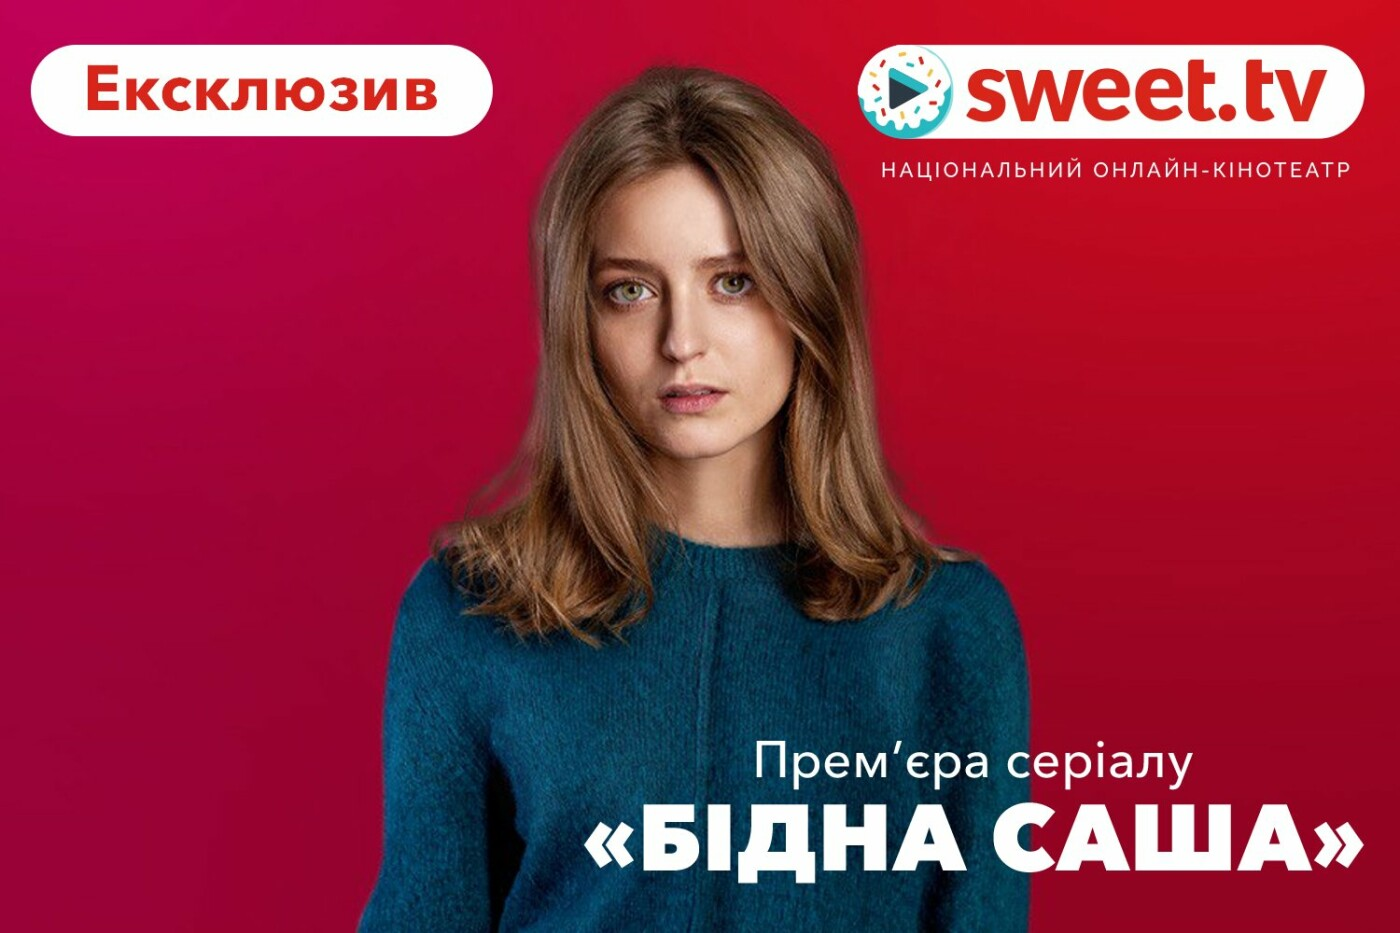 Серіал  «Бідна Саша» від 1+1 покажуть на SWEET.TV за добу до прем'єри на каналі, фото-1